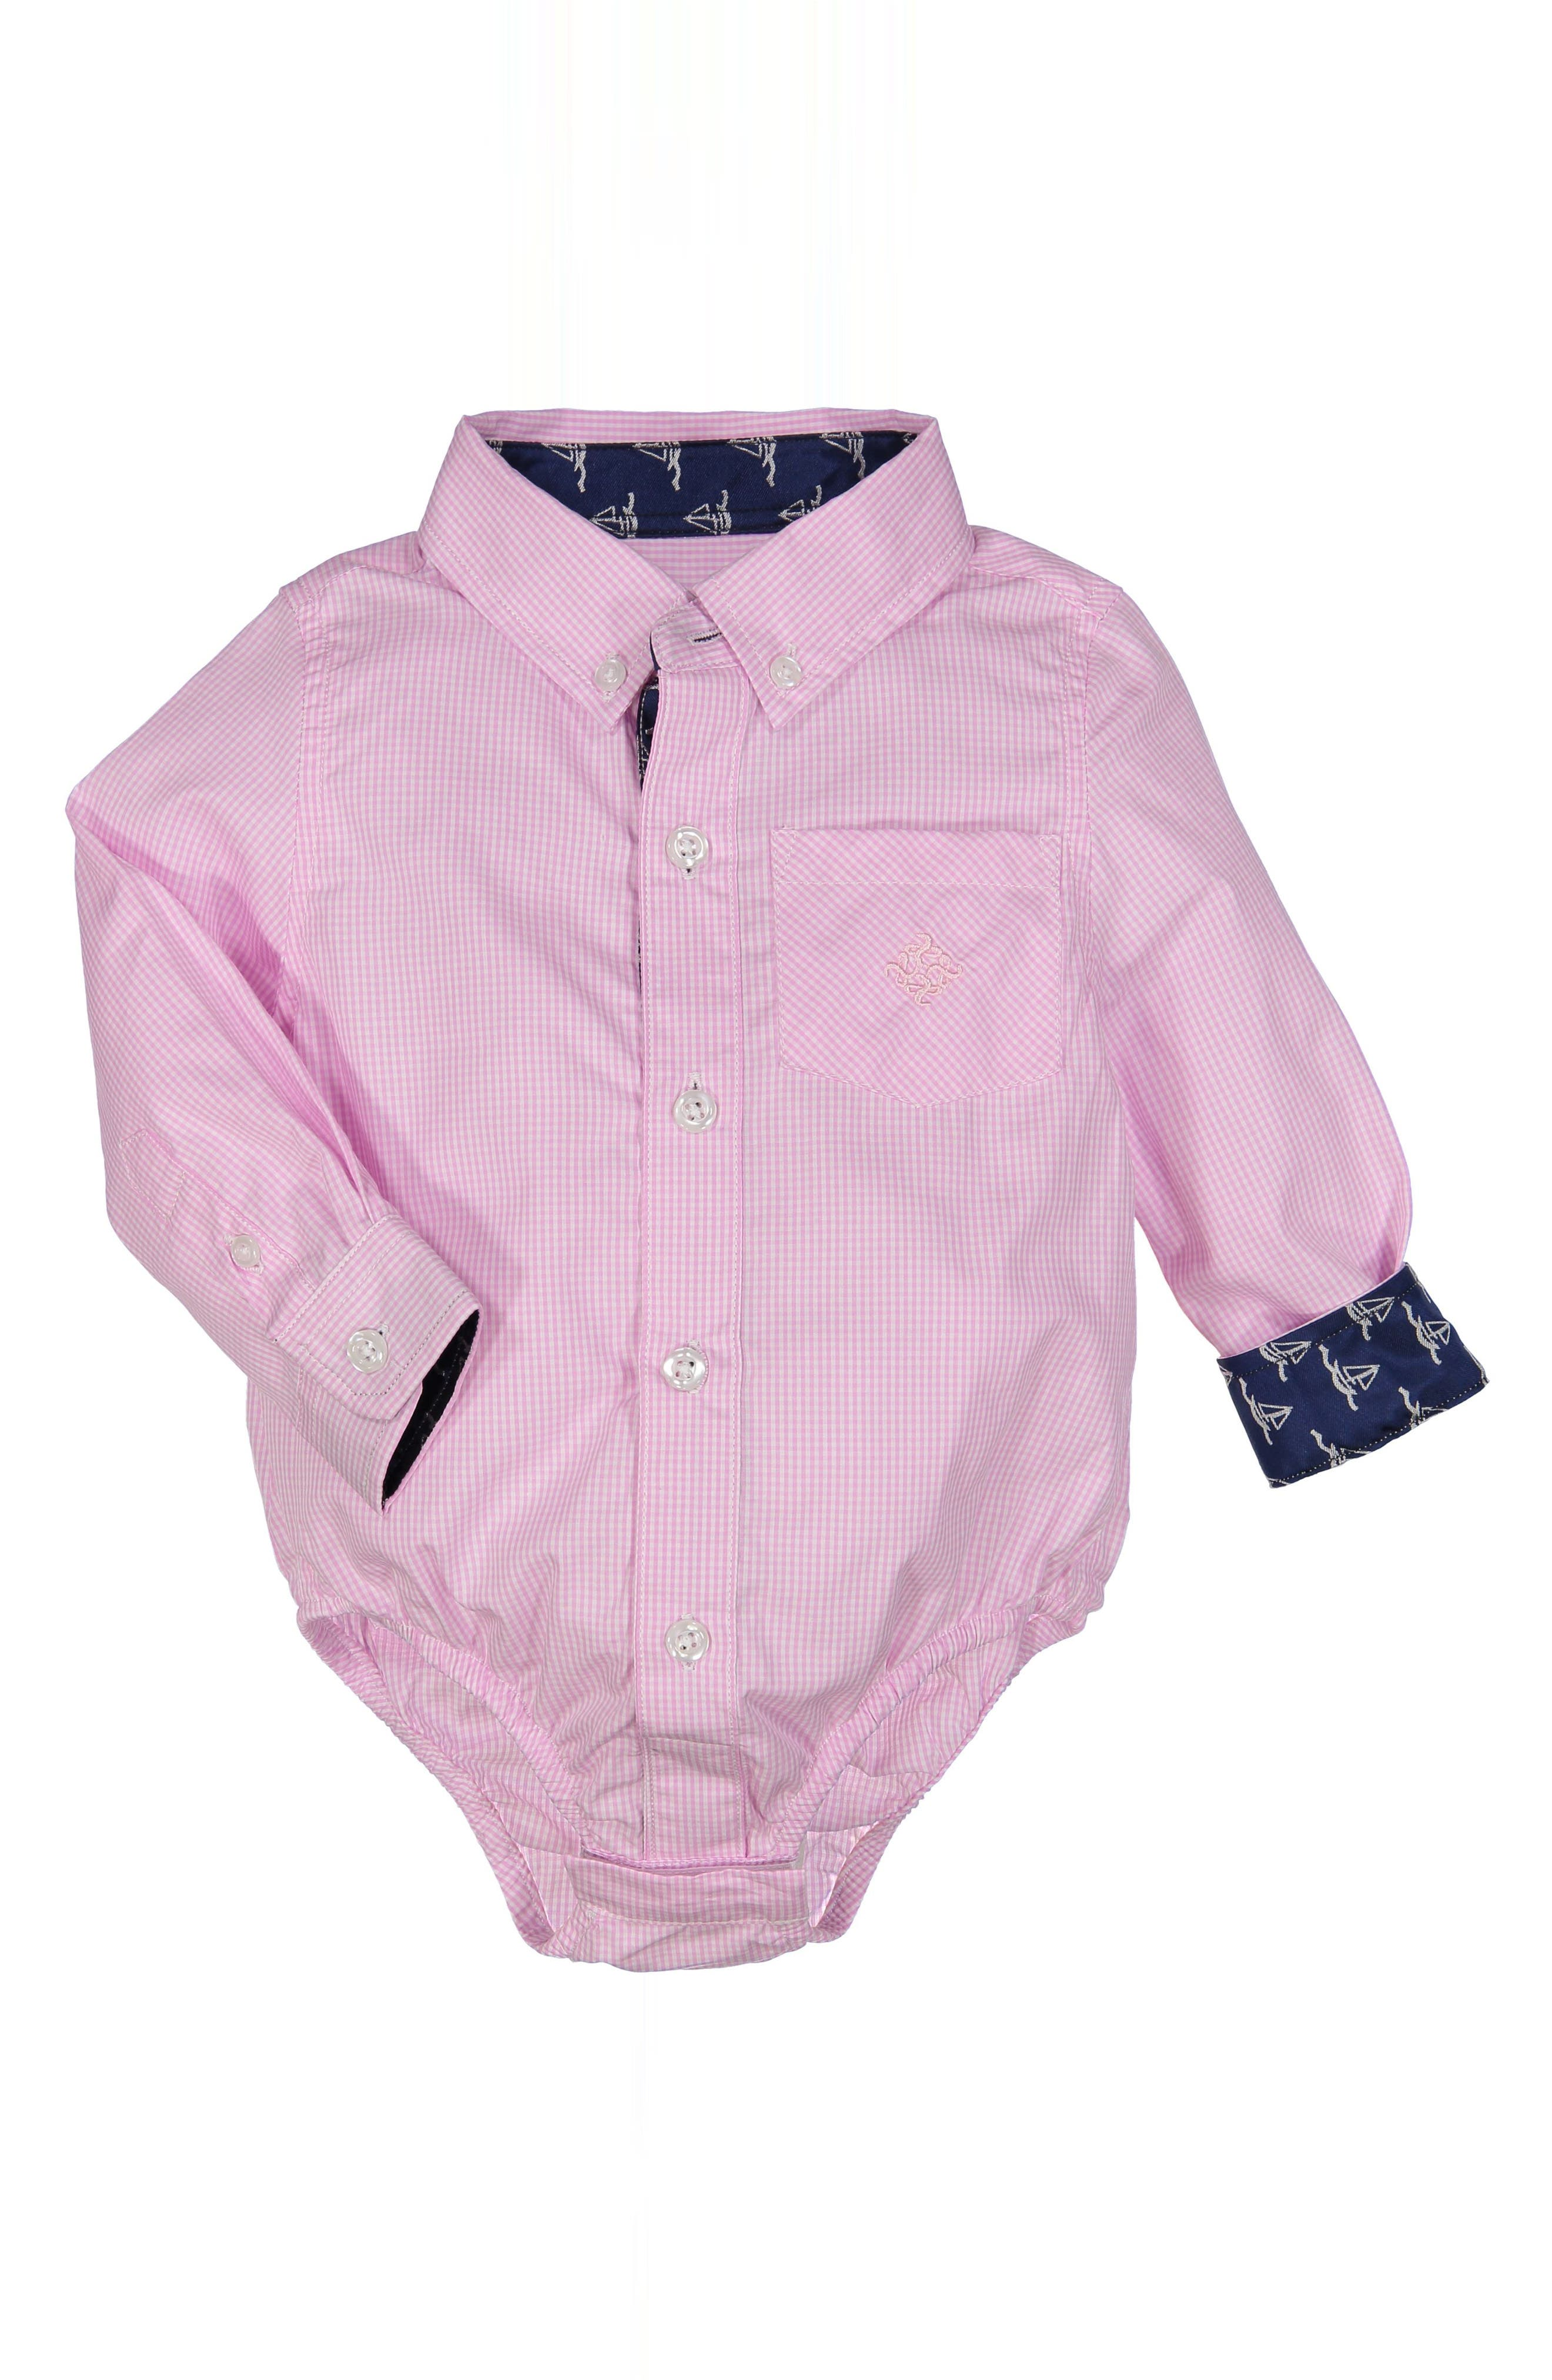 Shirtzie Microcheck Bodysuit,                         Main,                         color, 688